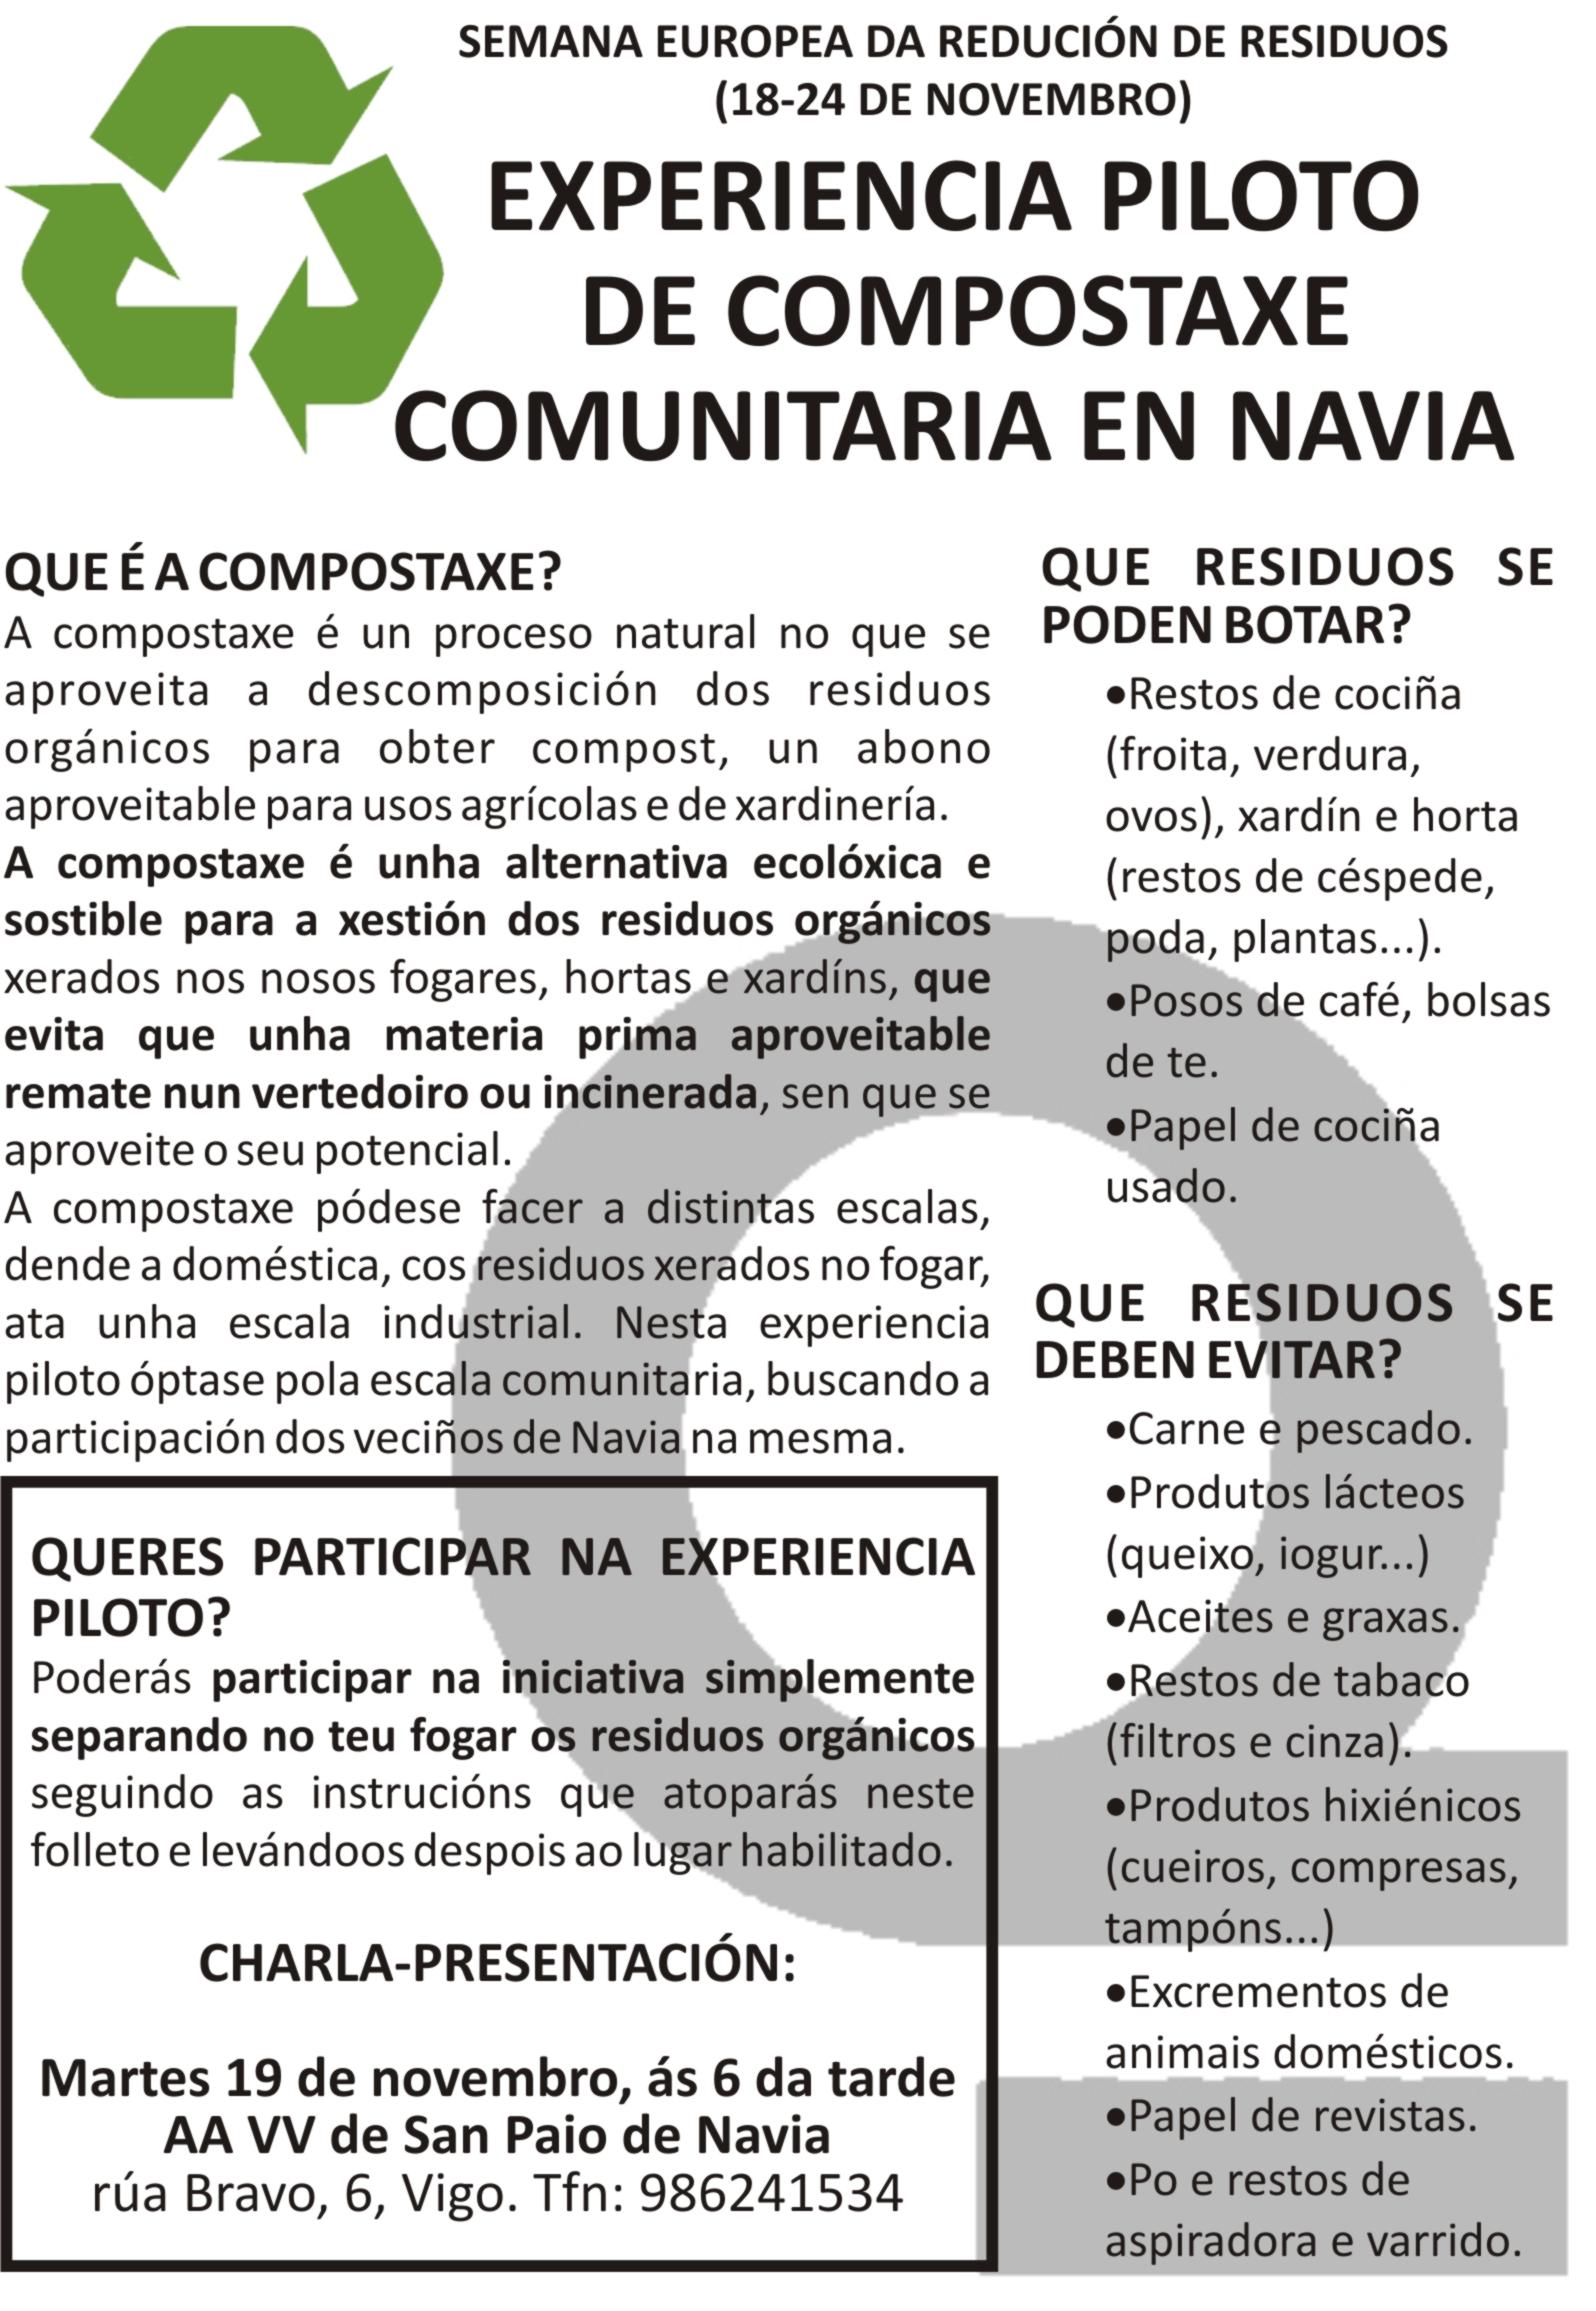 panfleto_compostaxe_1